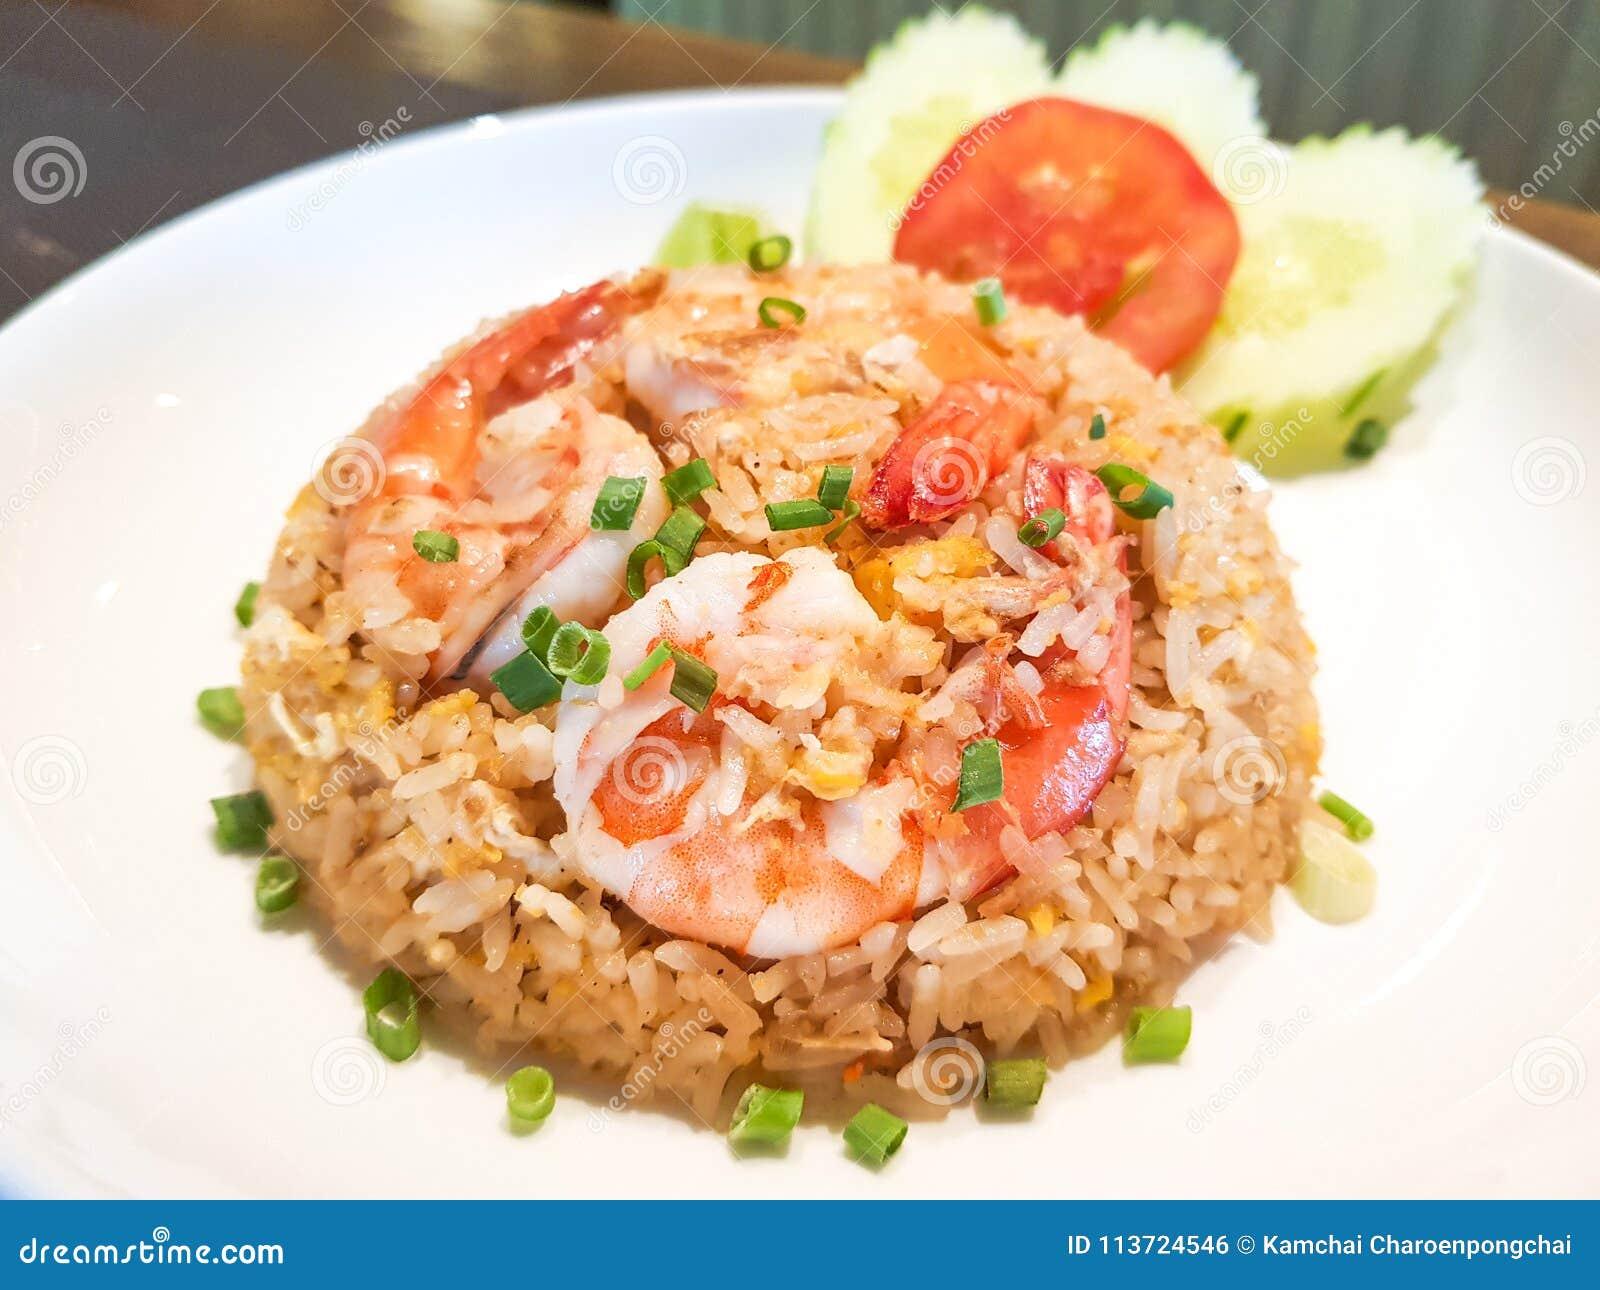 O arroz fritado da gordura dos camarões decora com pepinos e tomate da fatia na parte superior com camarões